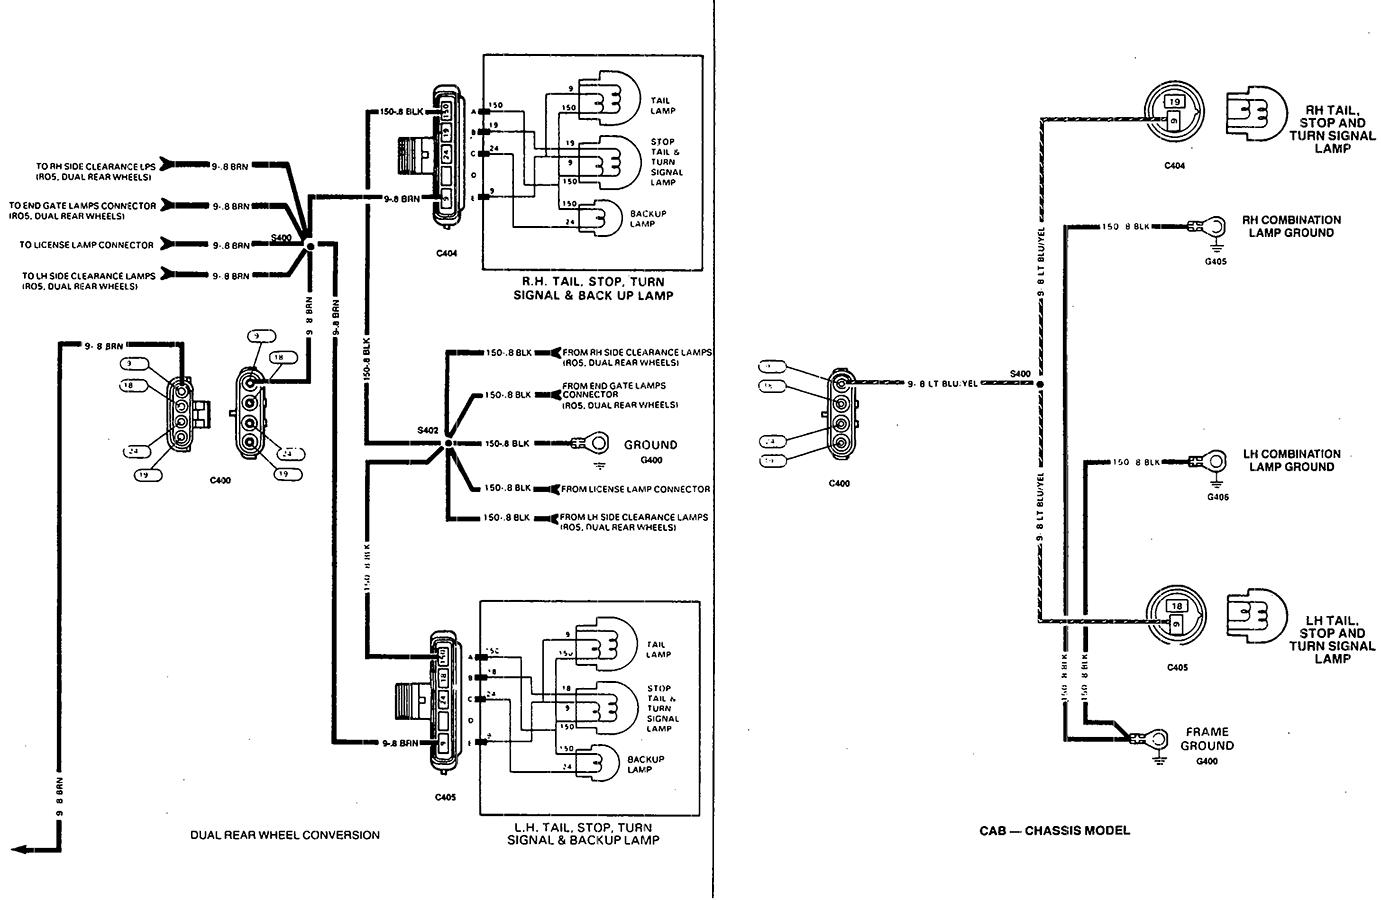 ke light wiring diagram chevy silverado efcaviation com